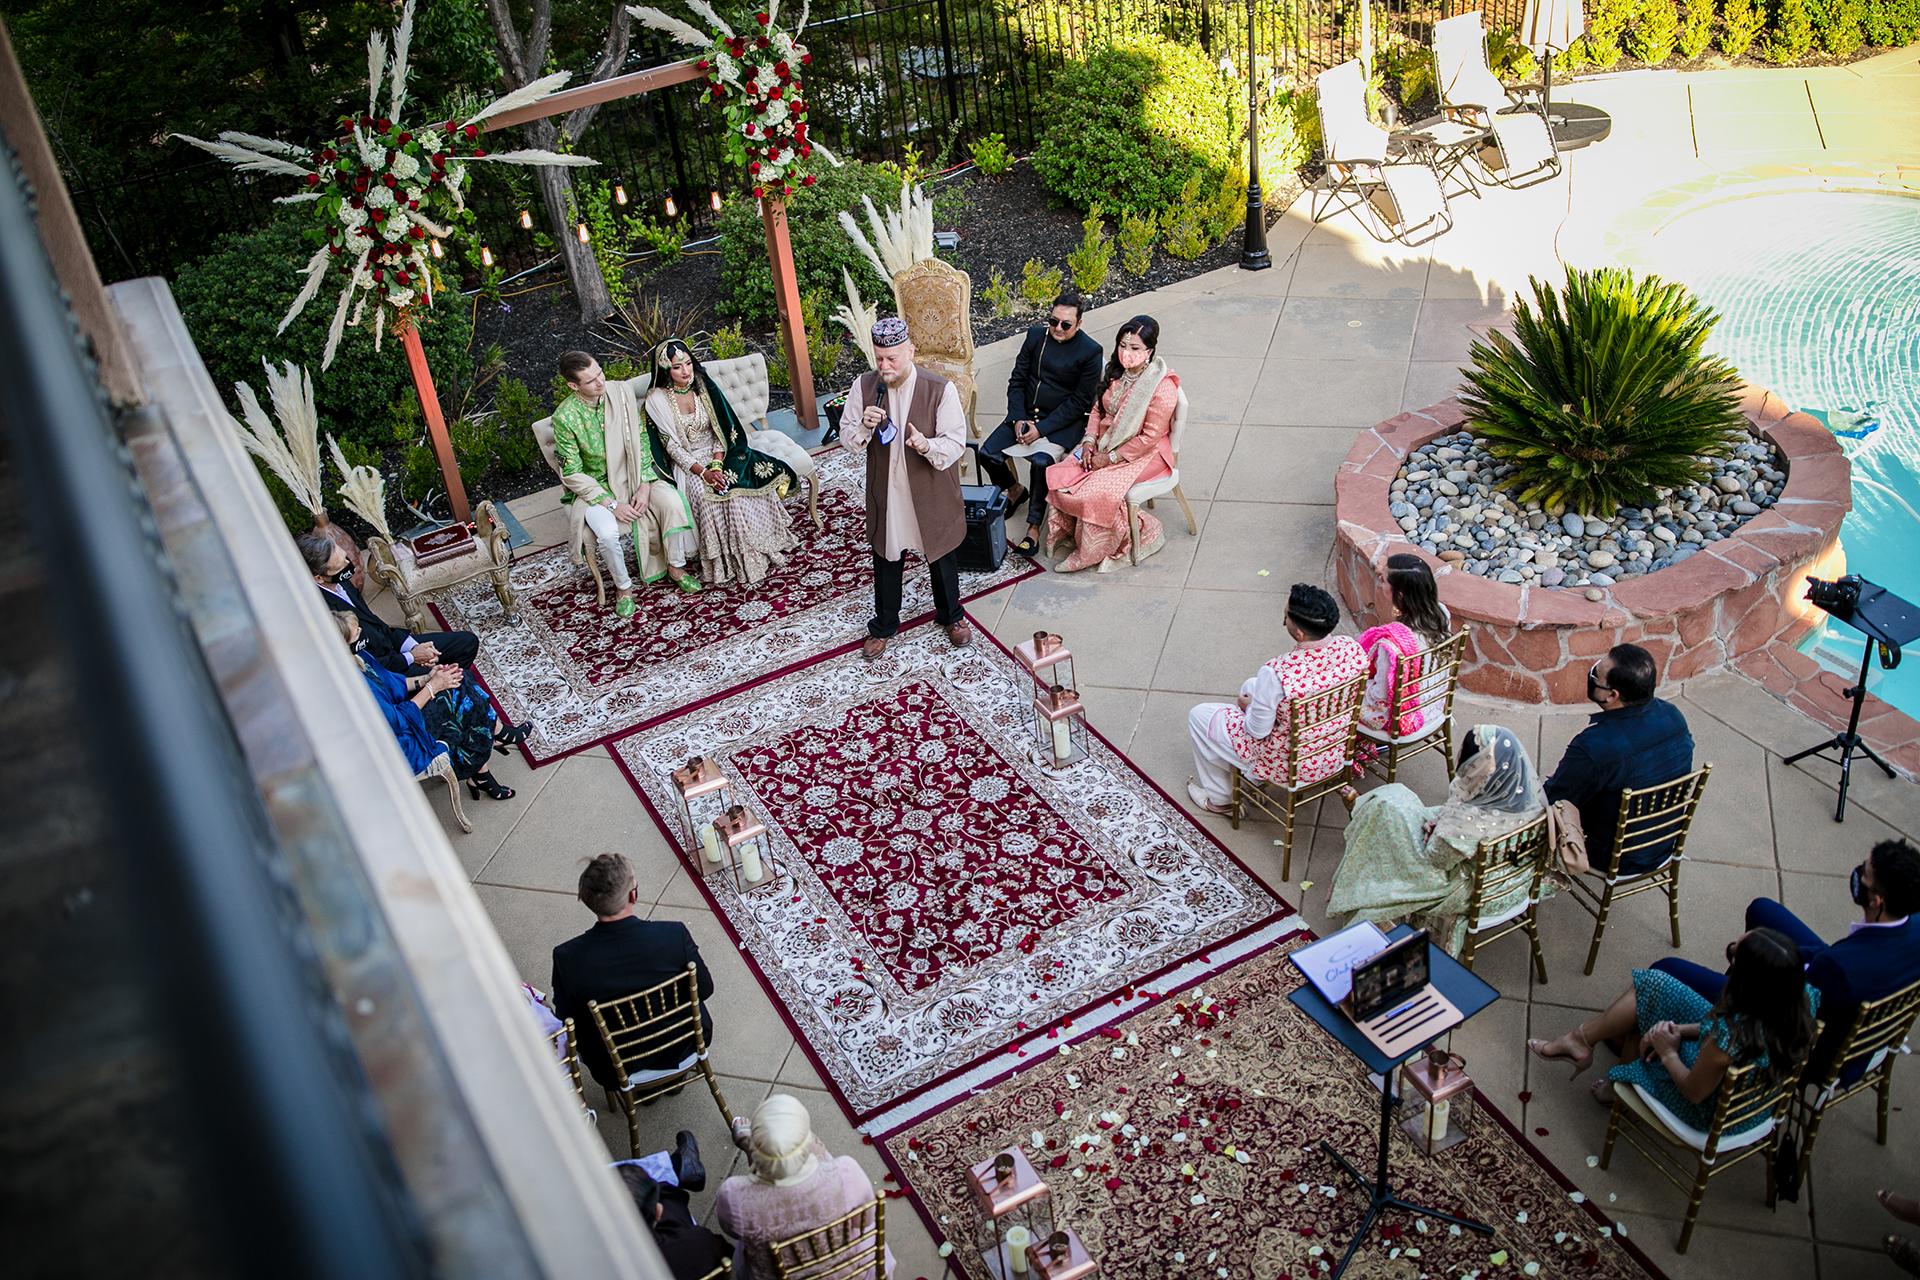 Pleasanton, Californië Buitenshuis schakingfotografie | Als we vanaf het balkon naar beneden kijken, kunnen we de ceremonie zien